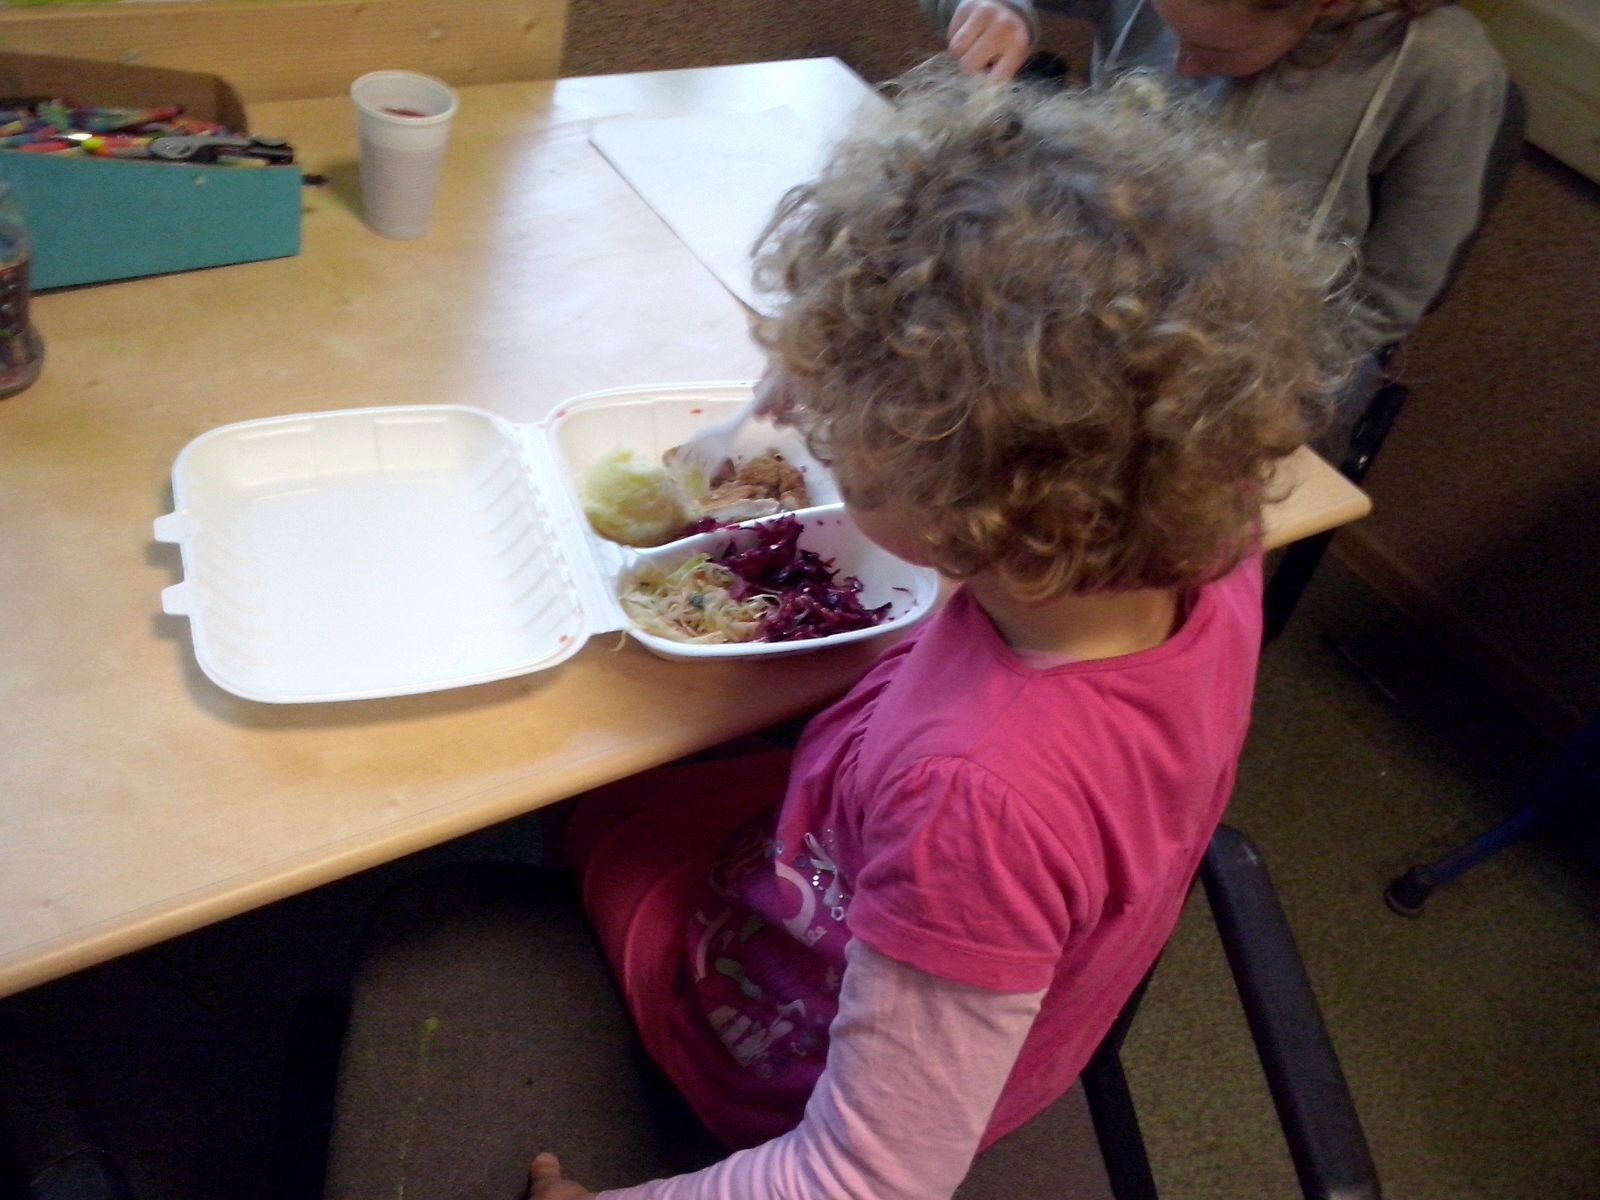 Ciepłe posiłki w Misiu